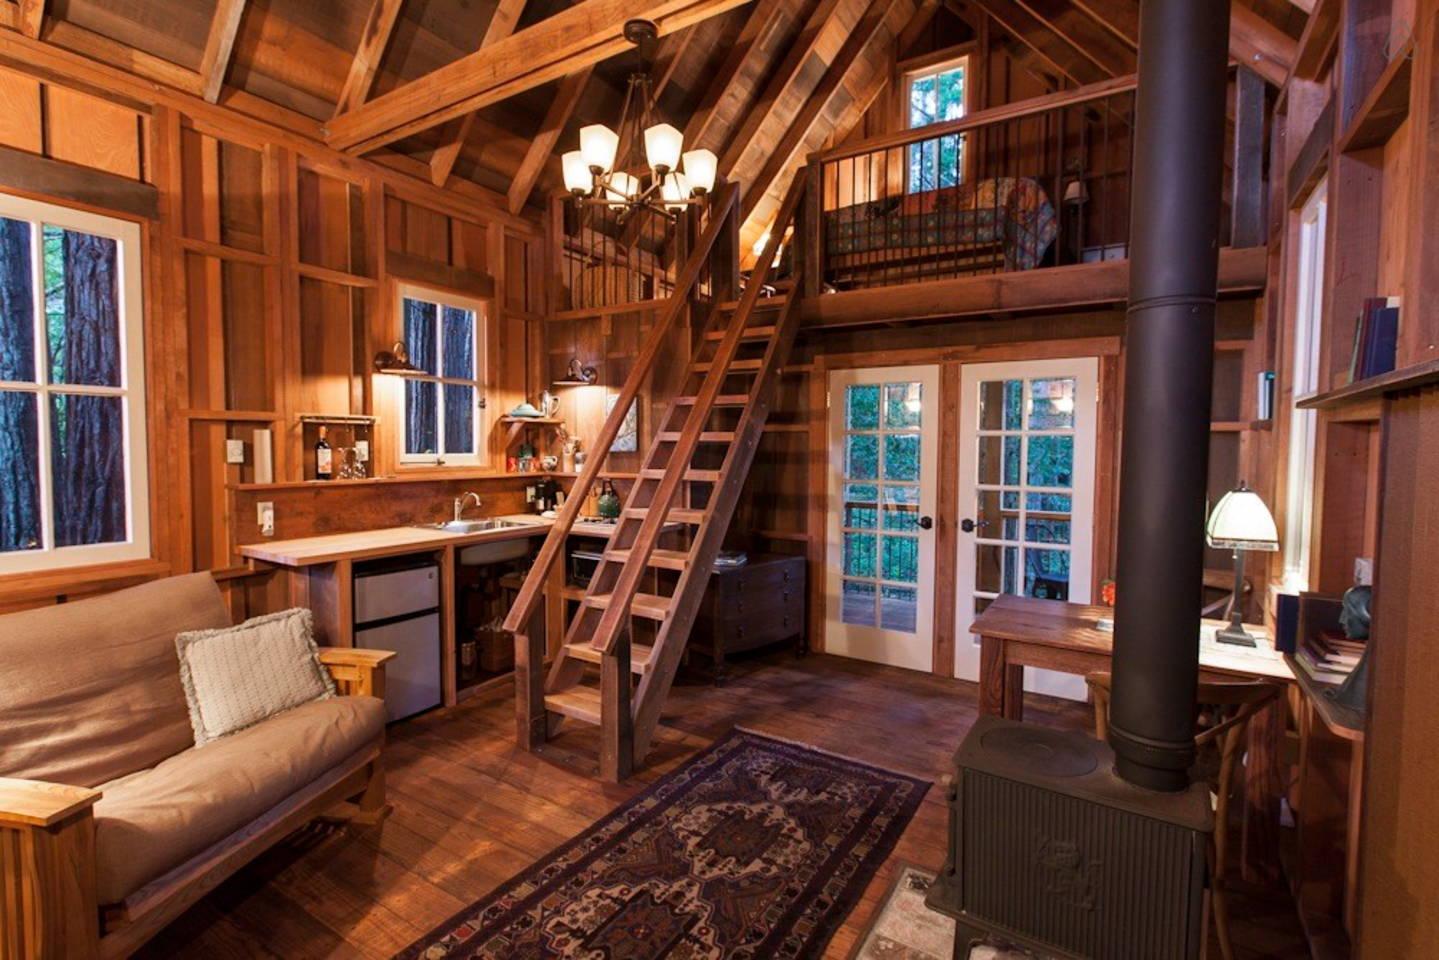 Gallery: Owl Tree Cabin